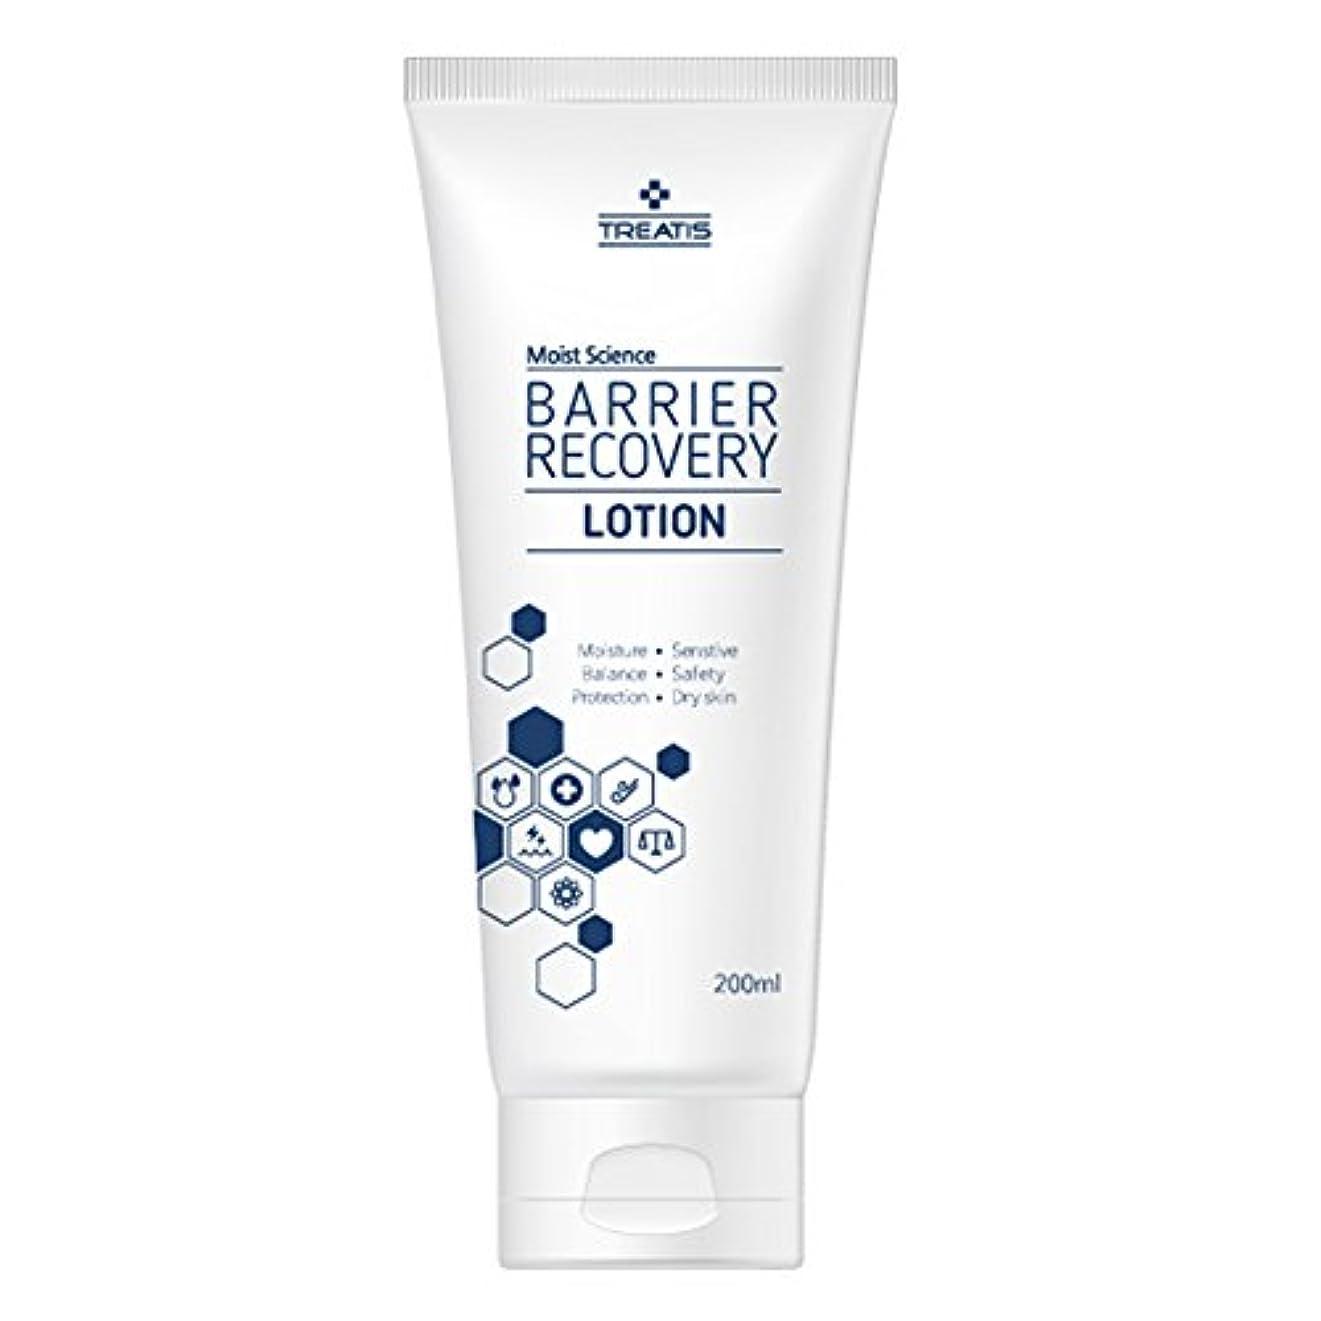 焼く移民泣き叫ぶTreatis barrier recovery lotion 7oz (200ml)/Moisture, Senstive, Balance, Safty, Protection, Dry skin [並行輸入品]